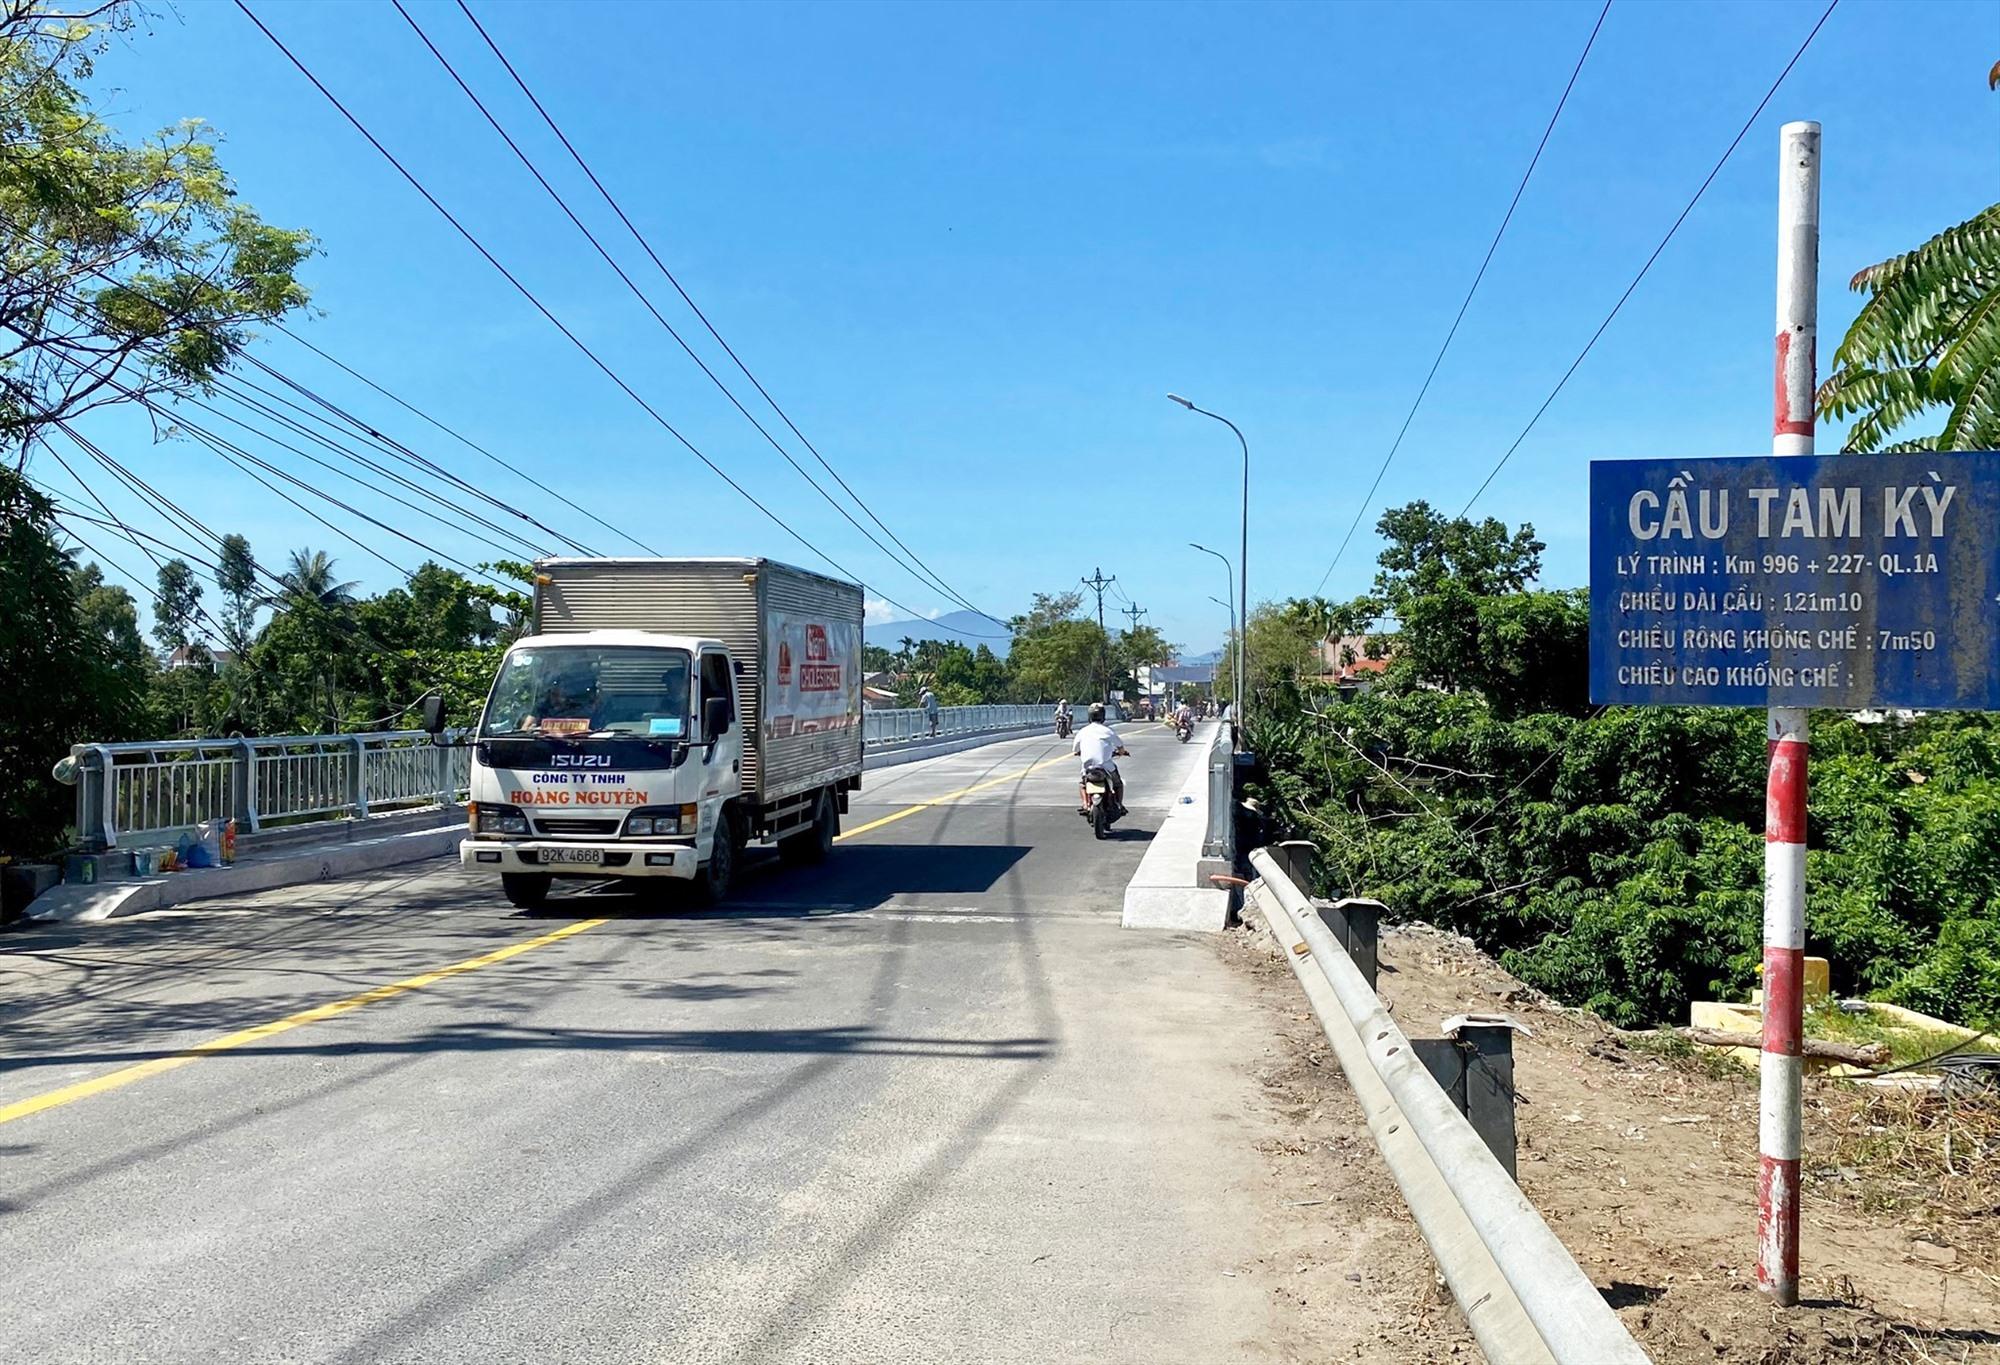 Sau khi hoàn thành sửa chữa, cầu Tam Kỳ (cũ) đã chính thức cho thông xe vào ngày 17.07.2021. Ảnh: T.K